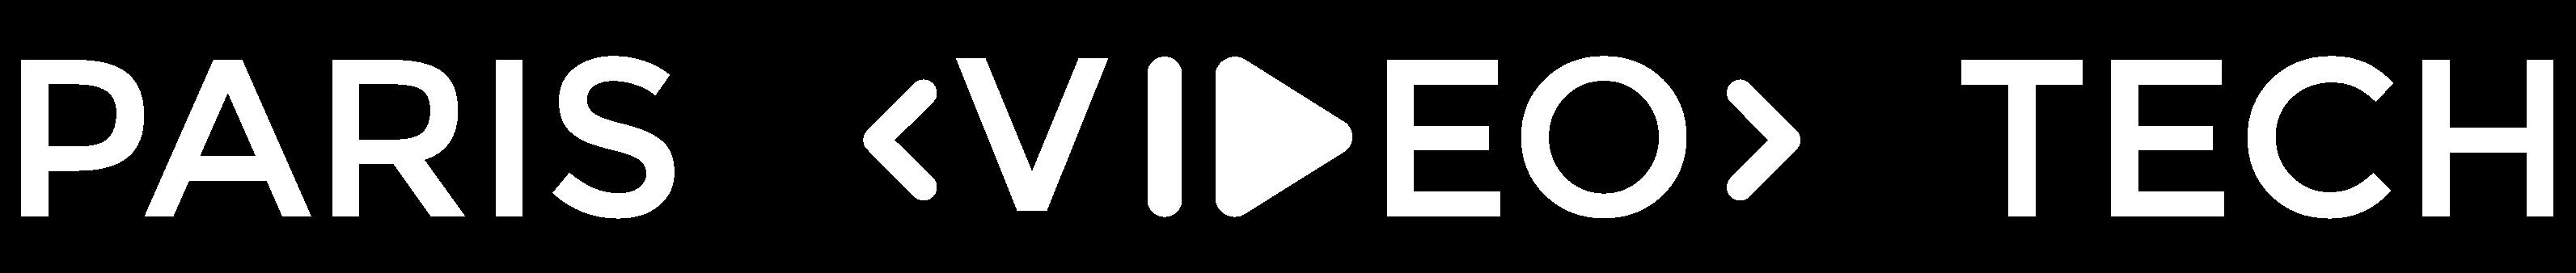 Paris Video Tech